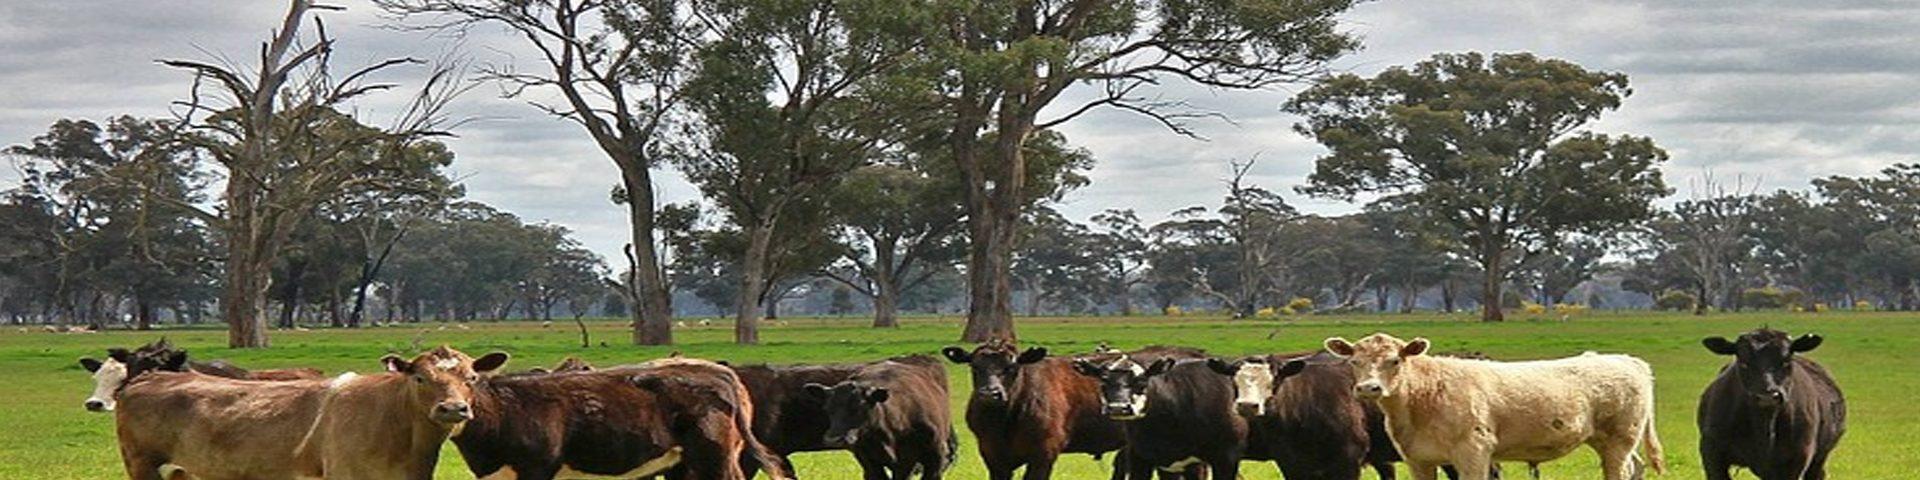 Las mejores razas de vacas para carne que debes probar